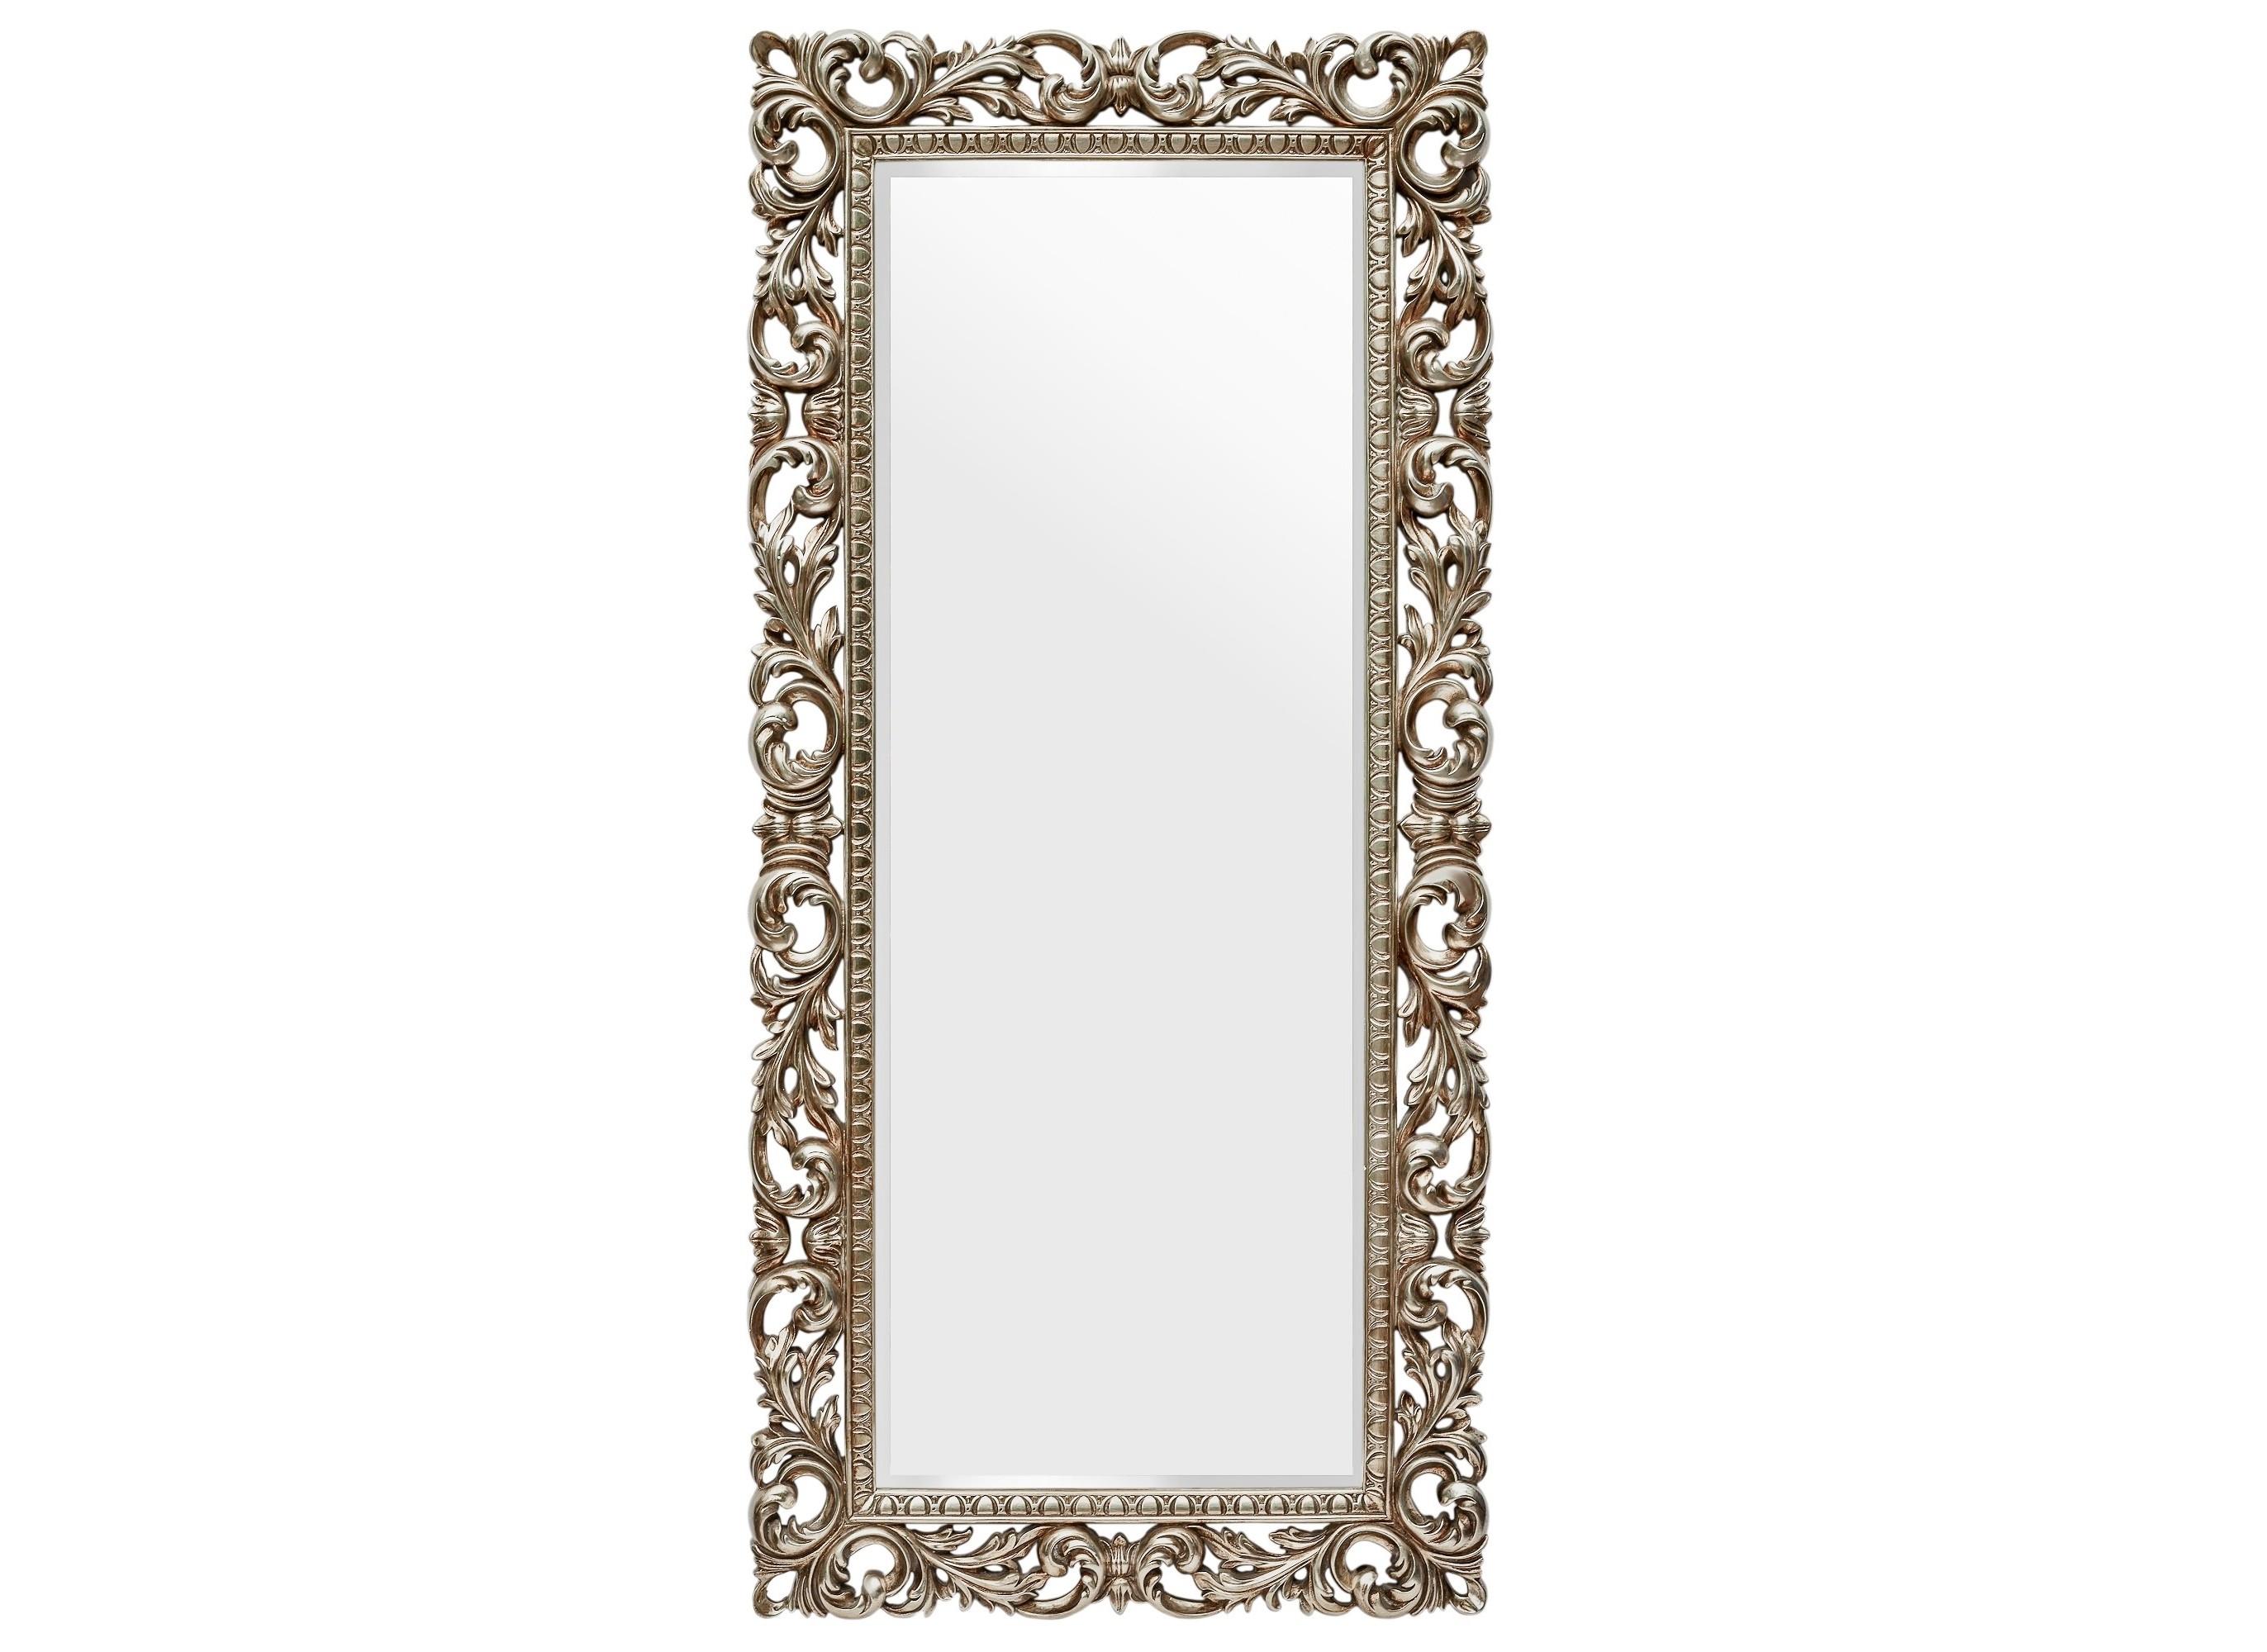 Напольное зеркало Kingsley SilverНапольные зеркала<br>Kingsley Silver – роскошный декор для классического интерьера. Высокое зеркало визуально расширит пространство, придаст ему легкость. Такой предмет будет отлично смотреться как спальне, так и в гардеробной. Многосложный багет с изящными завитками и узорами дарит облику очарование. Рама выполнена в приятном оттенке под античное серебро с эффектом золотистого перелива. &amp;amp;nbsp; &amp;amp;nbsp;&amp;lt;div&amp;gt;&amp;lt;br&amp;gt;&amp;lt;/div&amp;gt;&amp;lt;div&amp;gt;Материал: полирезин, стекло.&amp;lt;br&amp;gt;&amp;lt;/div&amp;gt;<br><br>Material: Стекло<br>Length см: 90<br>Width см: None<br>Depth см: 5<br>Height см: 188<br>Diameter см: None